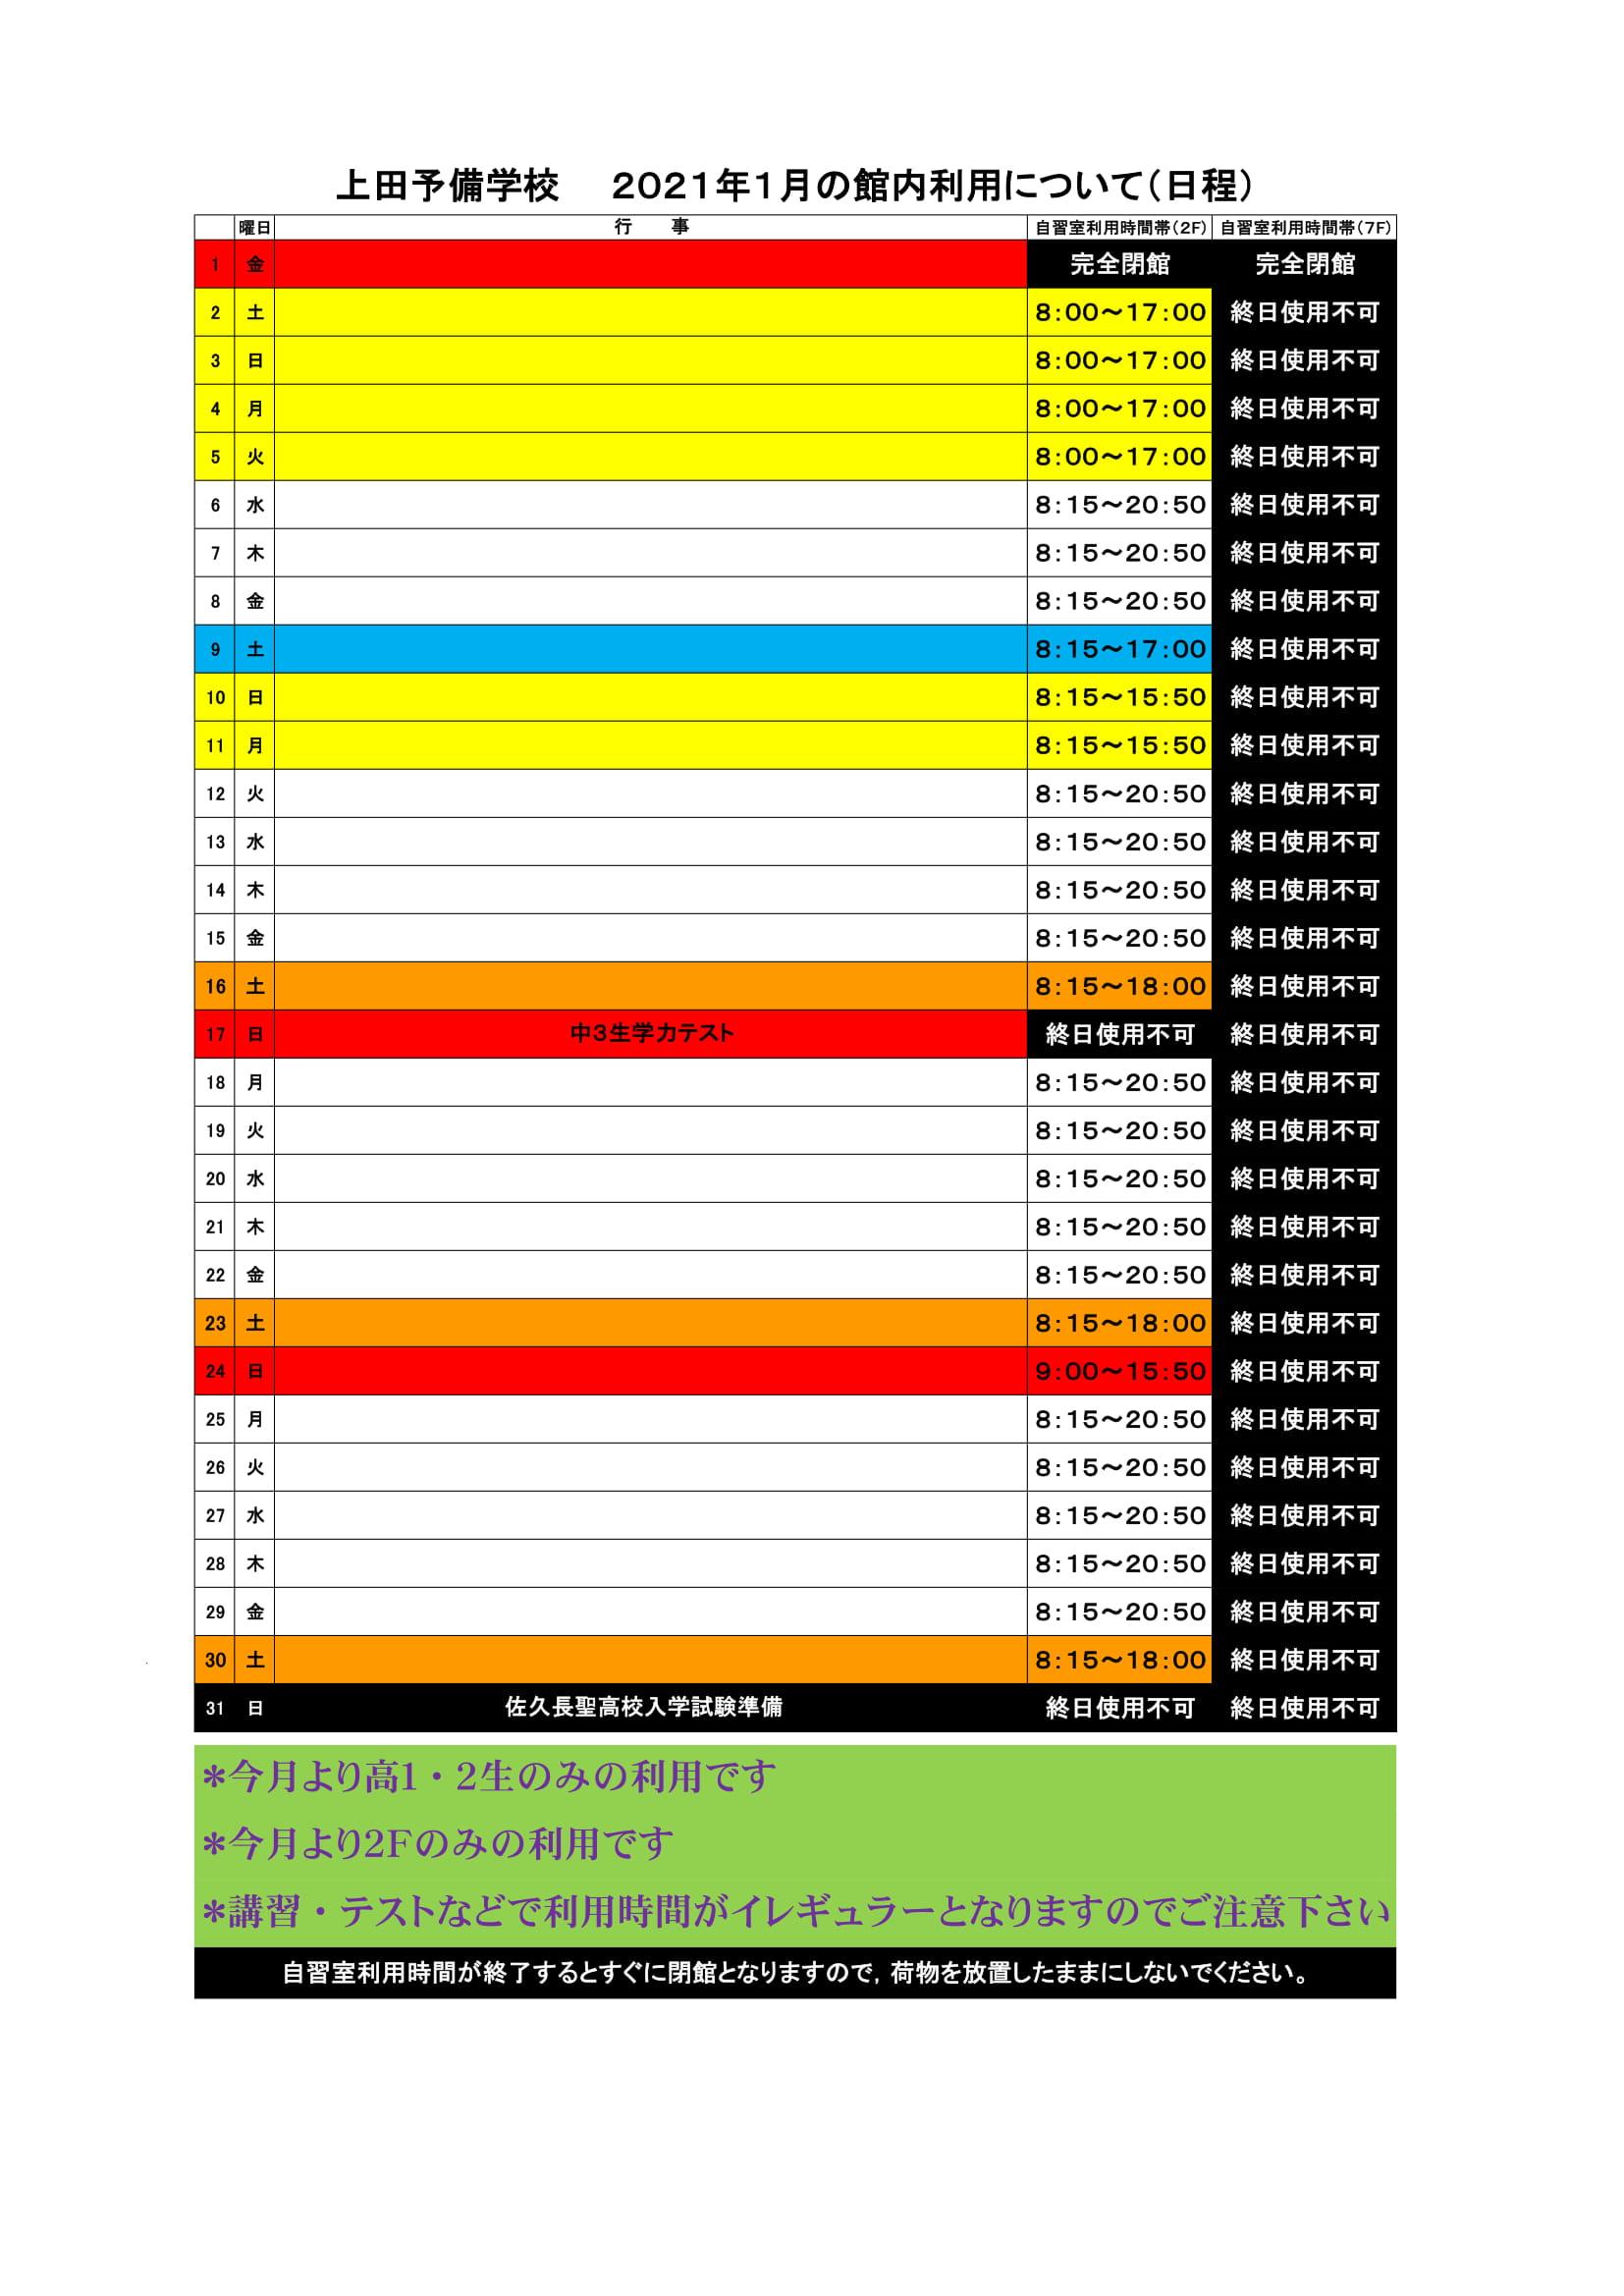 自習室利用日程表2021年1月完成版1月12日付け-1